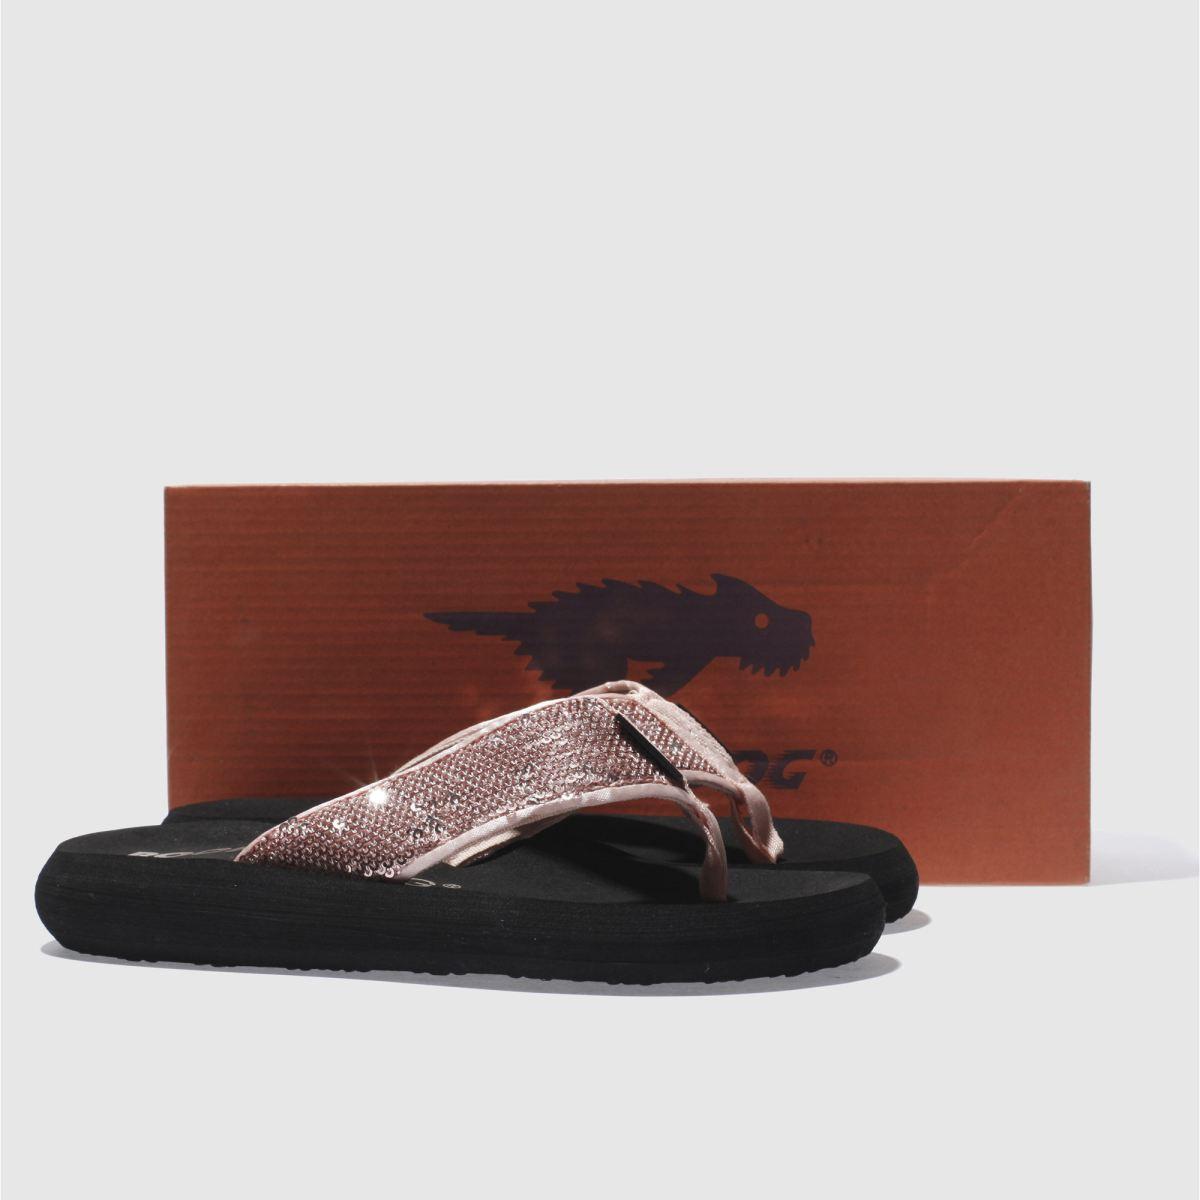 Damen Rosa rocket dog Spotlight Sequins Qualität Sandalen | schuh Gute Qualität Sequins beliebte Schuhe 62a287